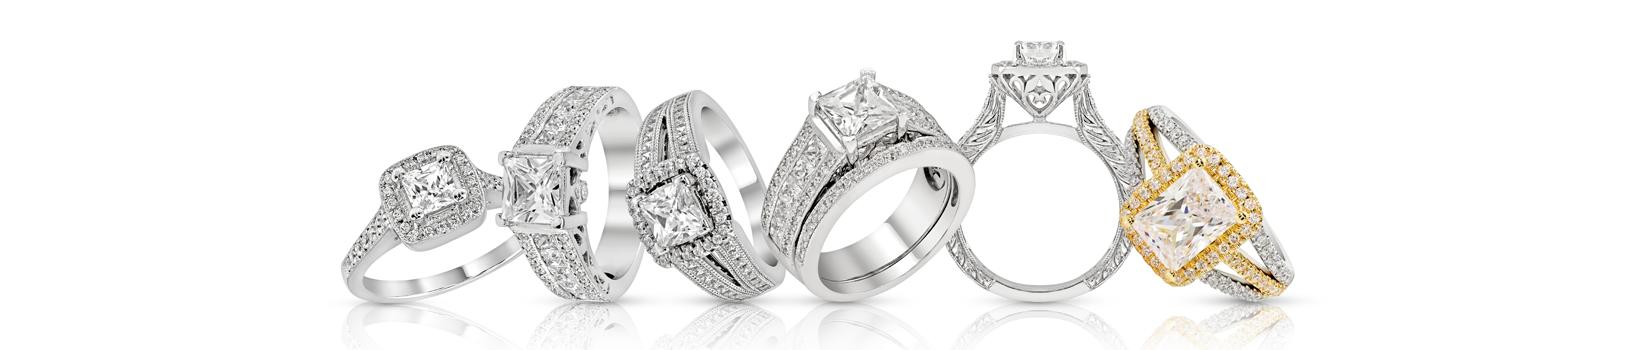 Minton Jewelry